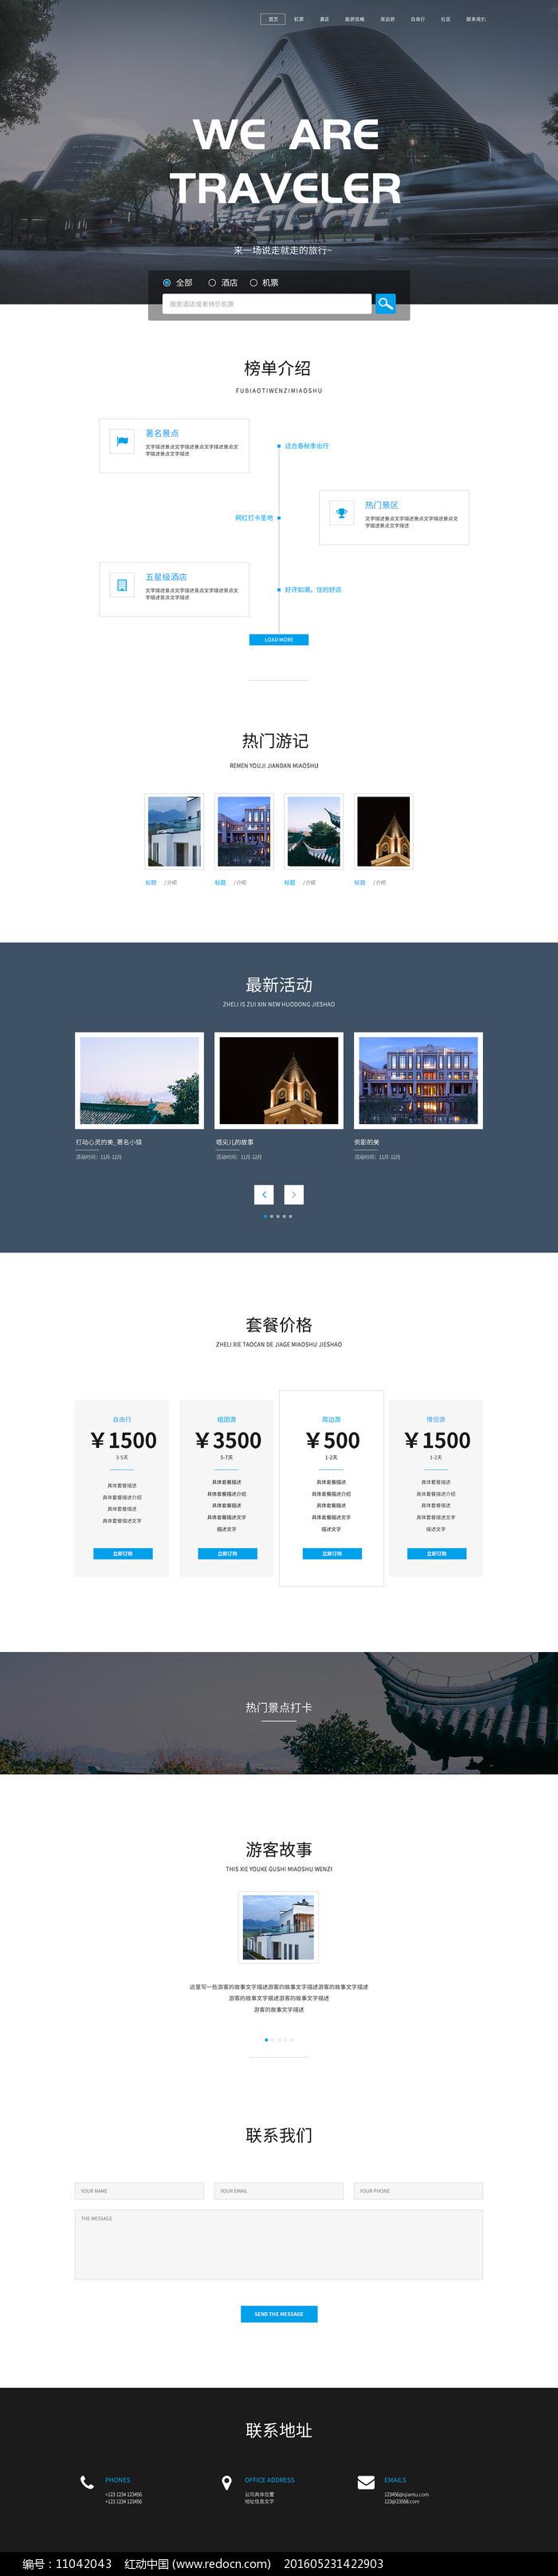 简约旅游网页模板图片